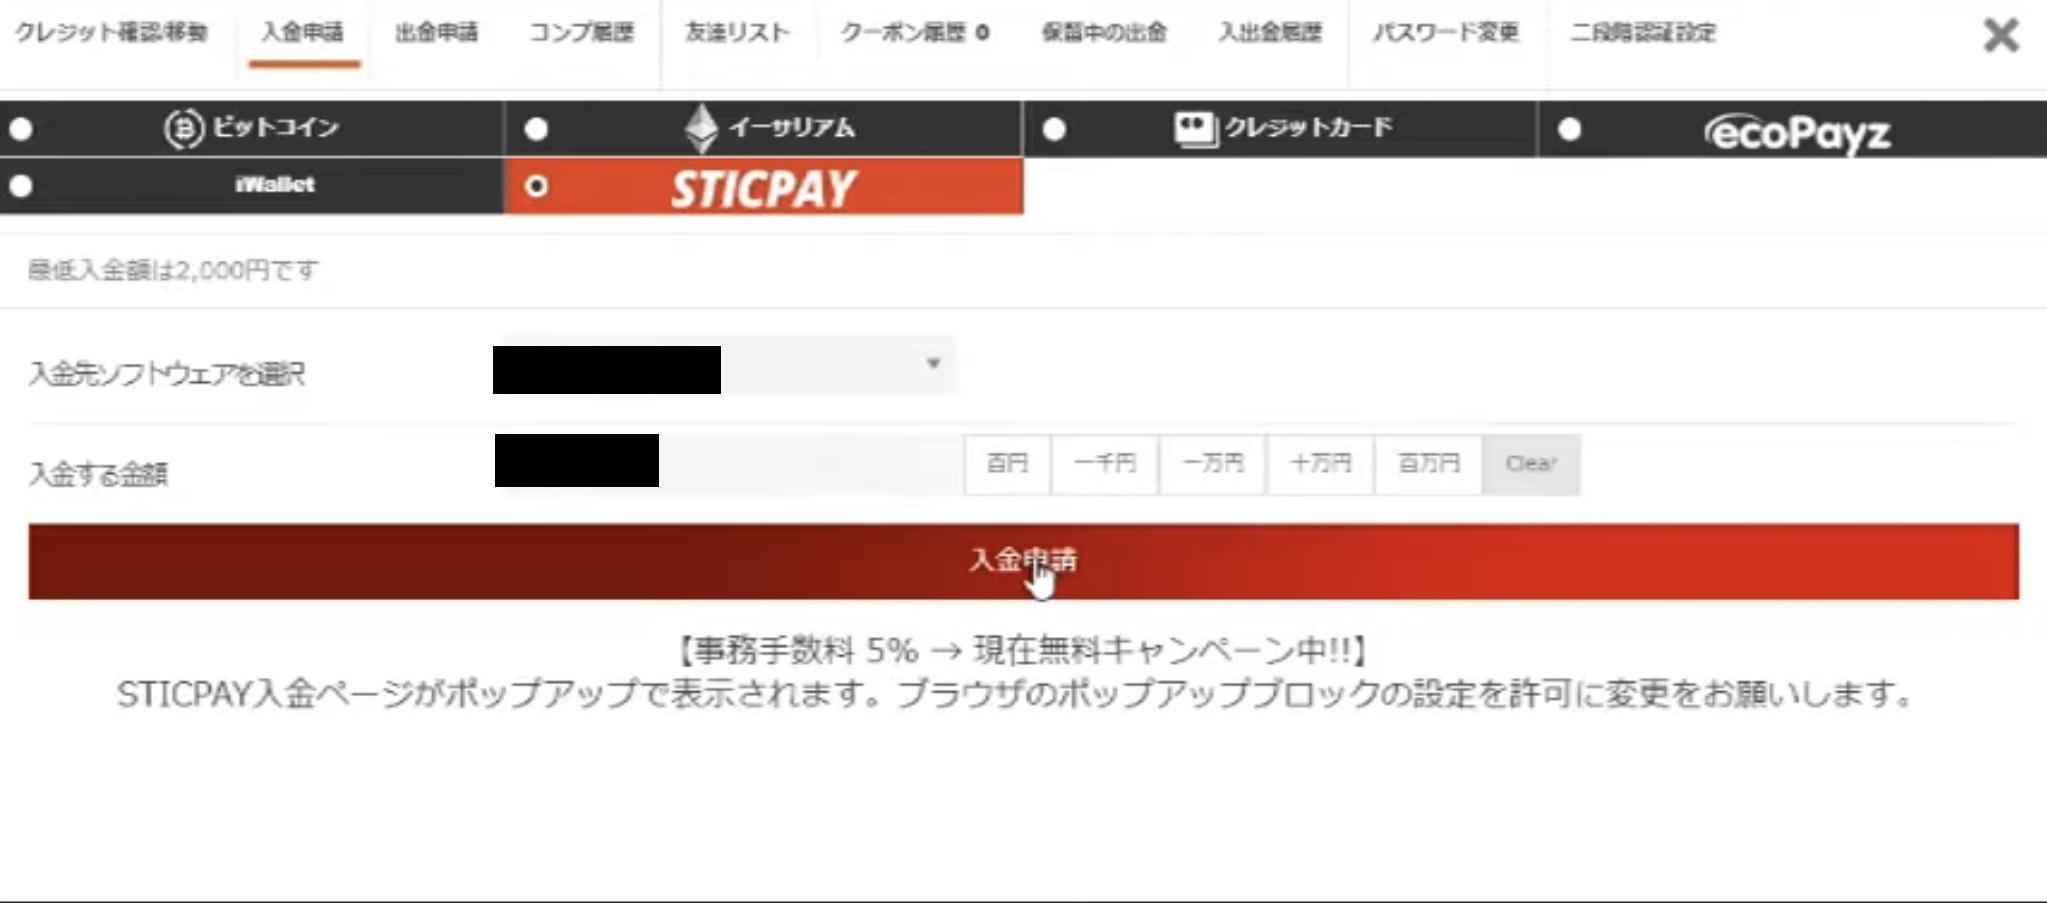 ② 赤色の【入金申請】をクリックします。